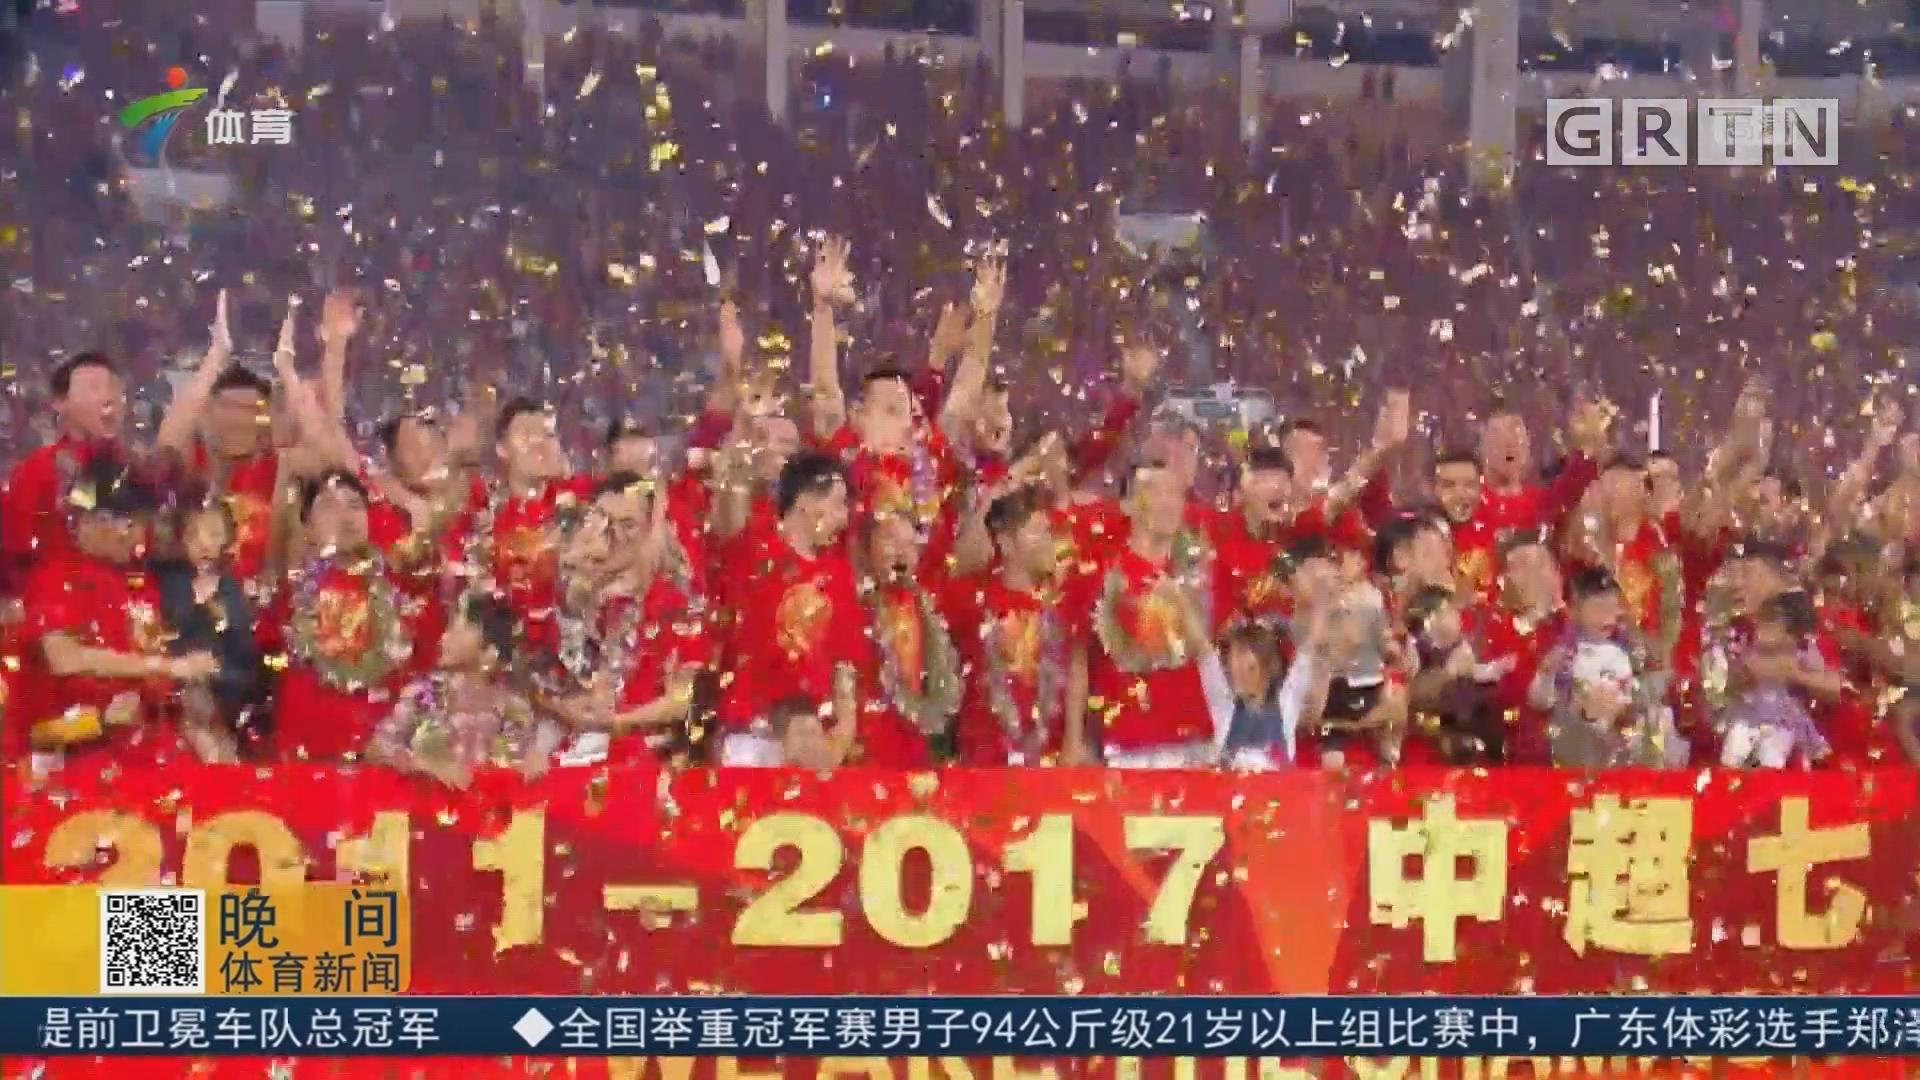 广州恒大大胜贵州智诚 提前两轮加冕中超七连冠